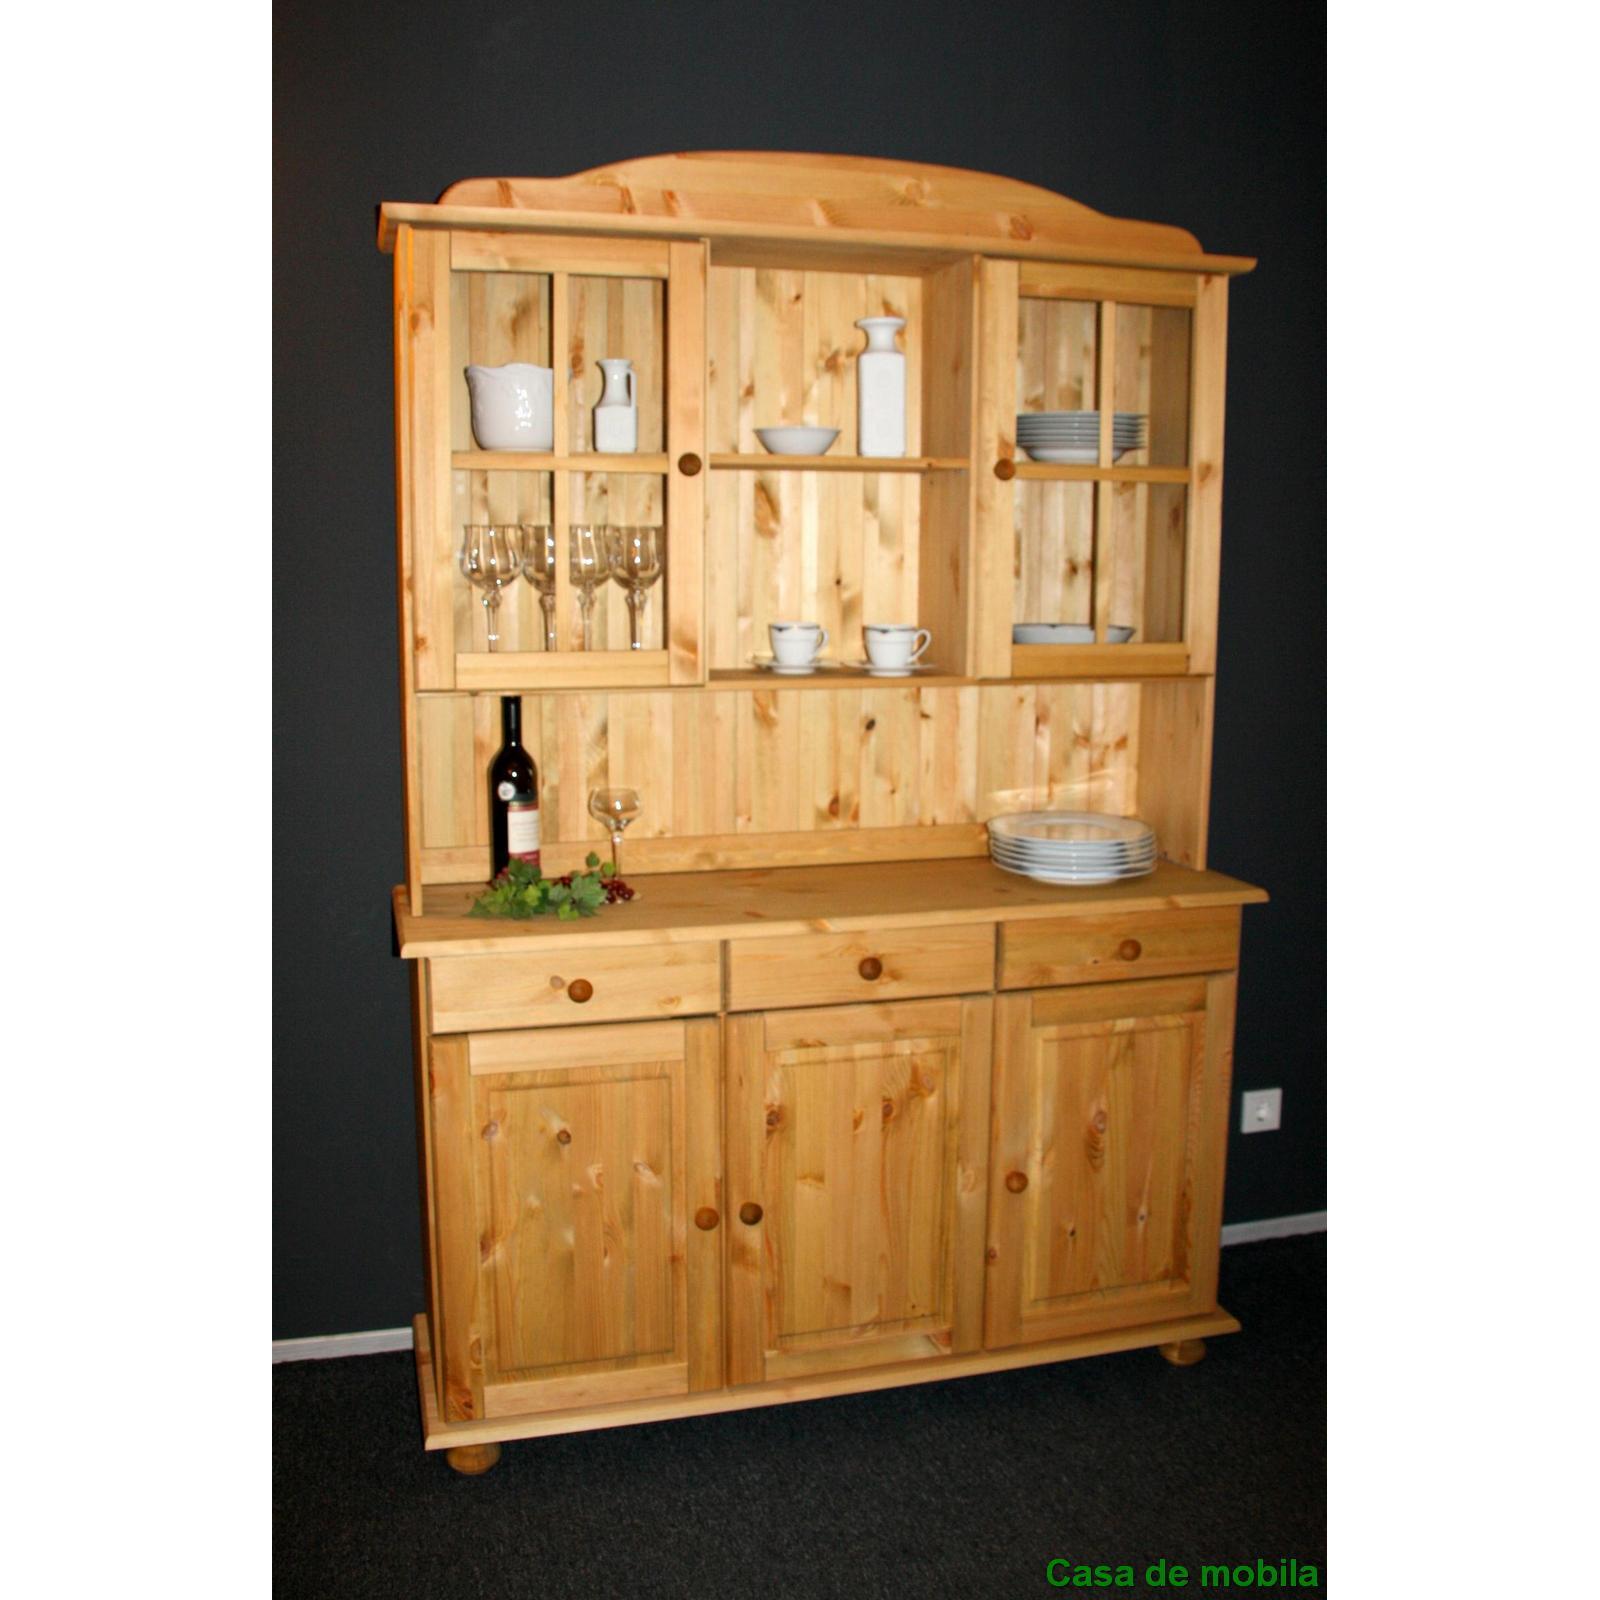 vitrine kiefer massiv wohnzimmer gestaltung. Black Bedroom Furniture Sets. Home Design Ideas